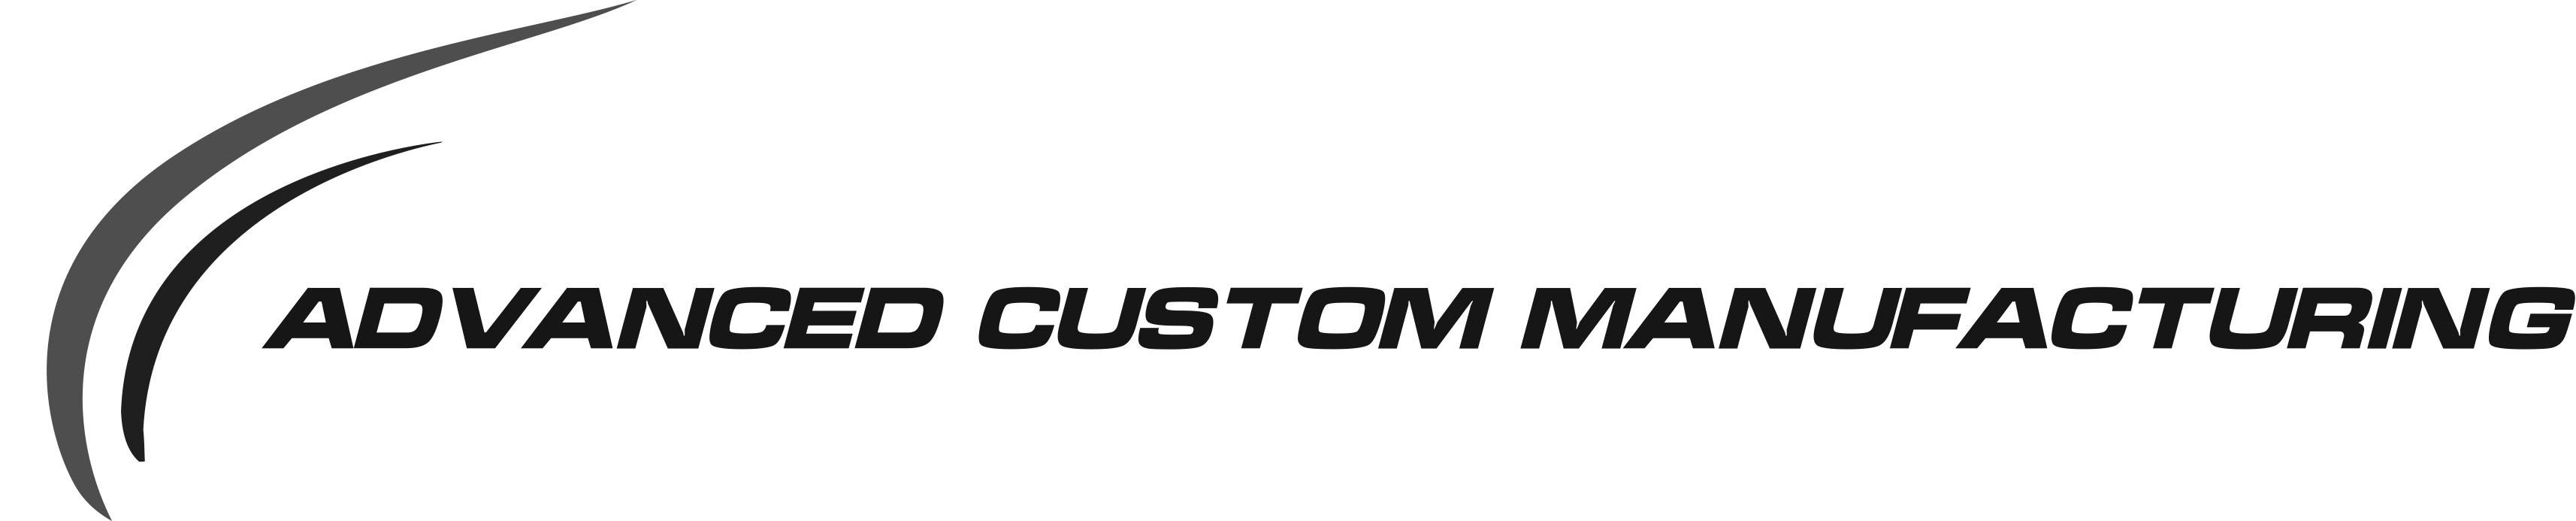 Made-in-California-manufacturer-Advanced-Custom-Manufacturing-Logo.jpg